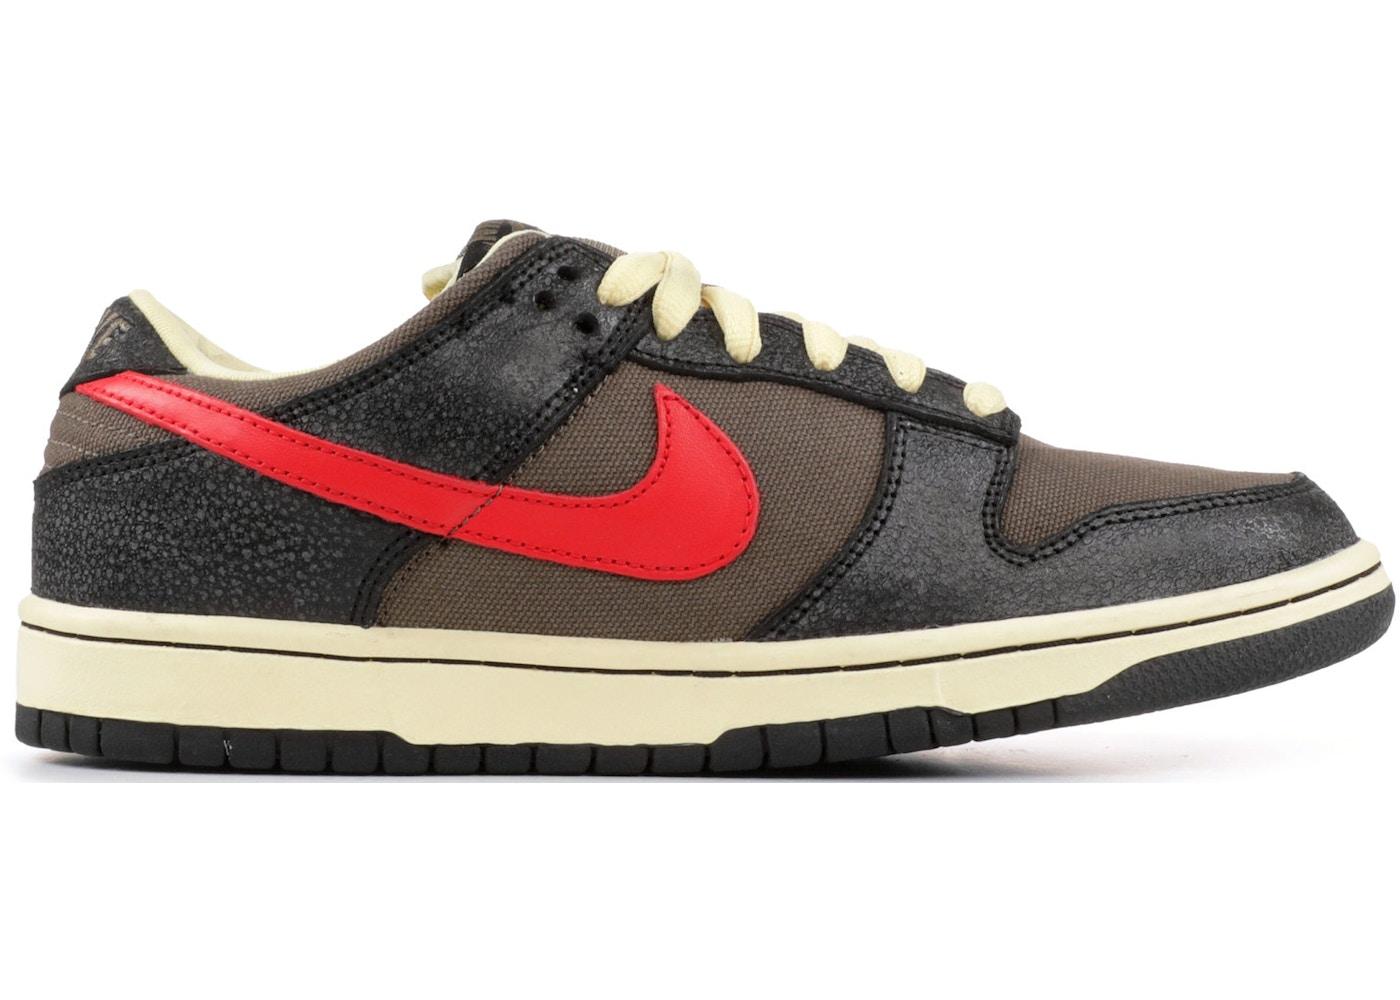 super popular 29435 a8f13 Nike SB Dunk Low Iron Man - 313170-061